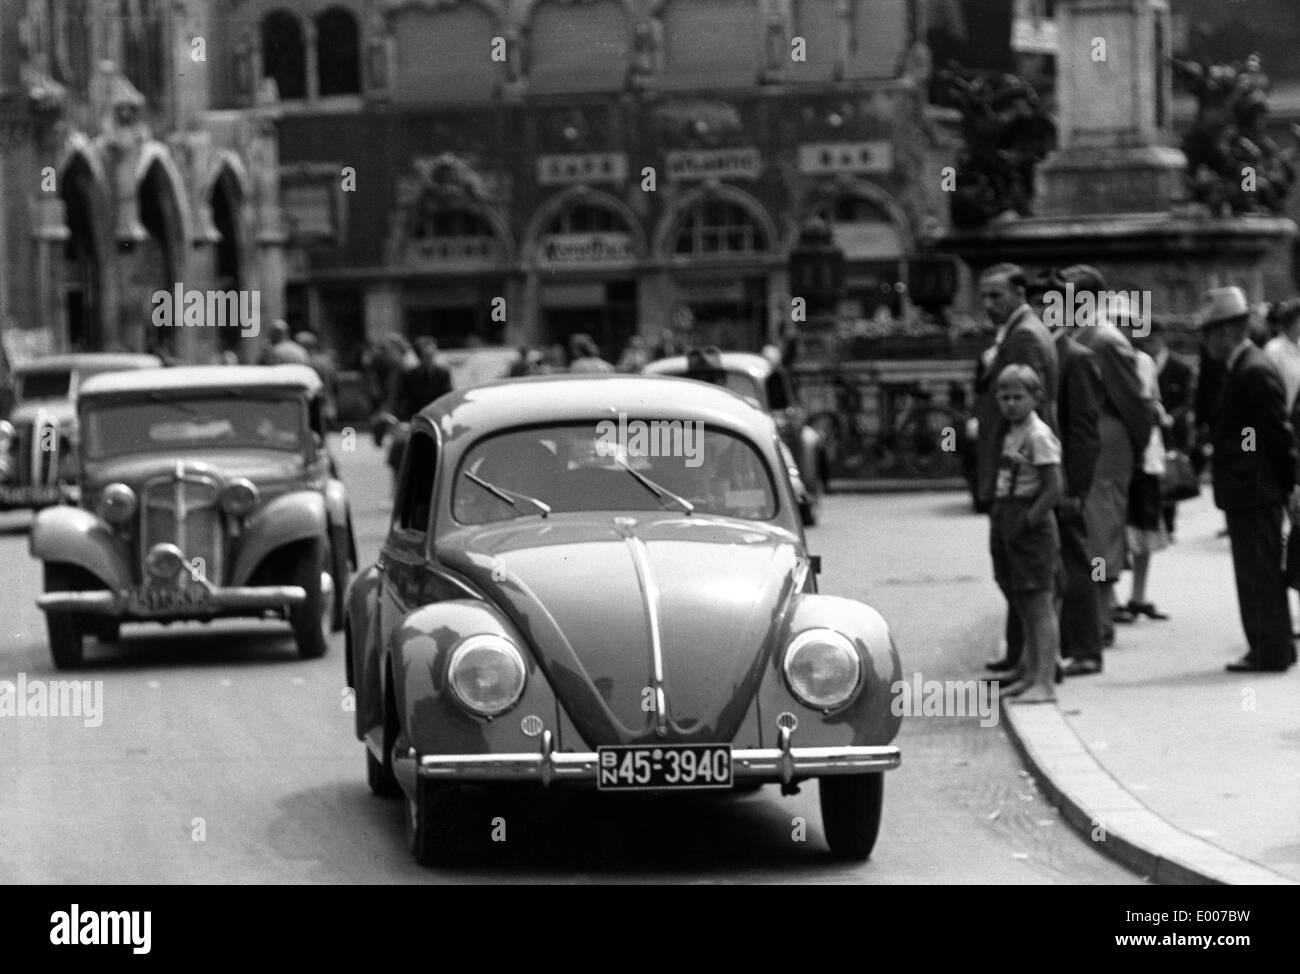 VW Beetle in Munich, 1949 - Stock Image